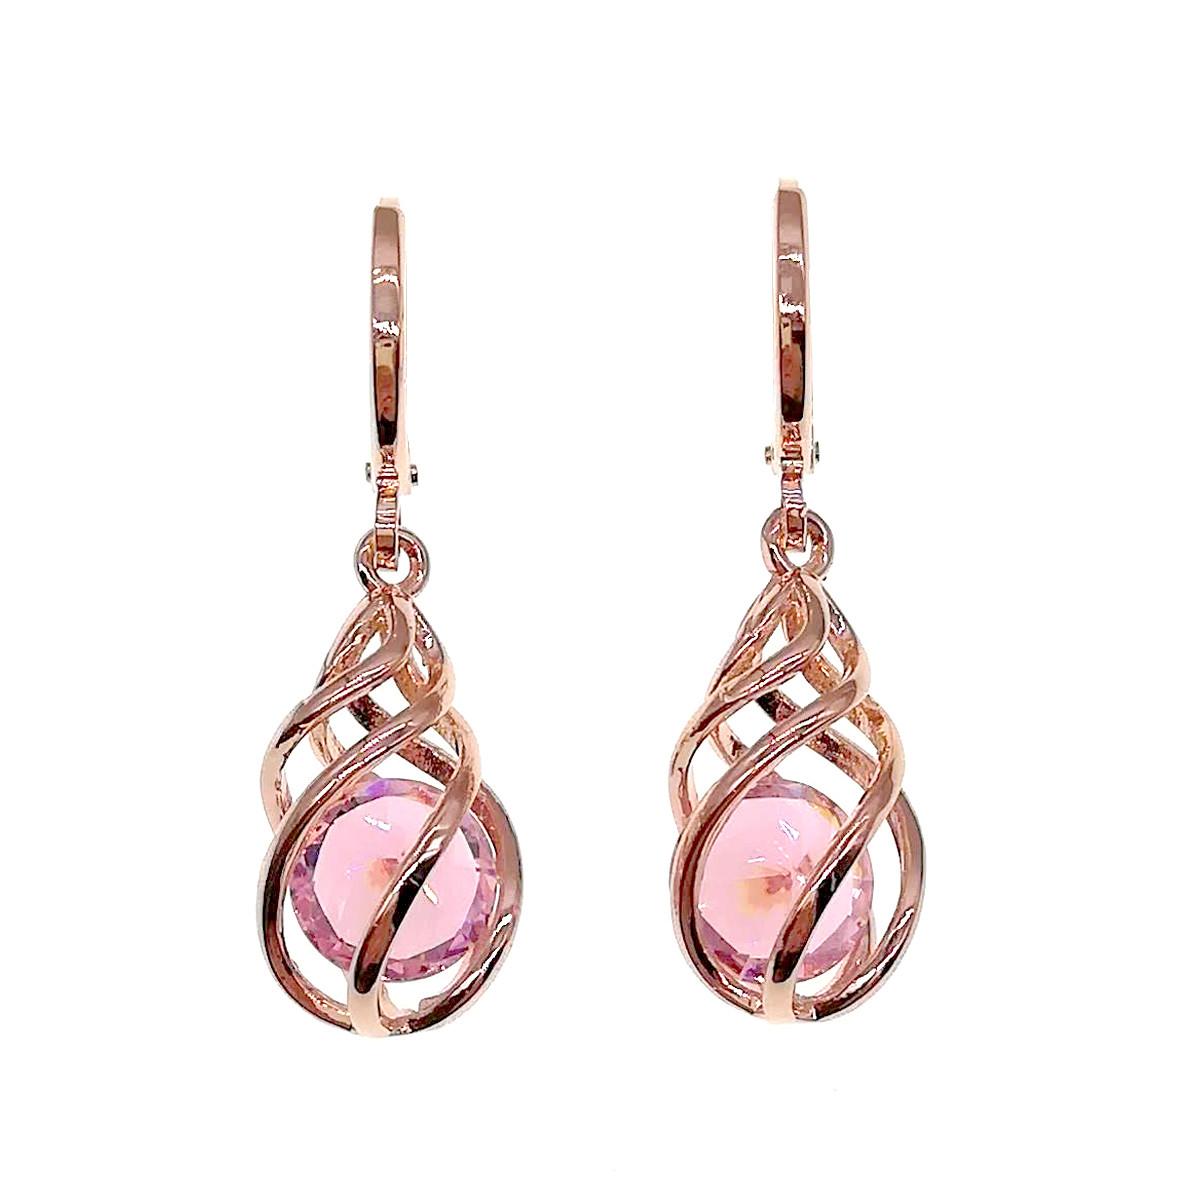 Серьги SONATA из медицинского золота, розовые фианиты, позолота PO, 24032